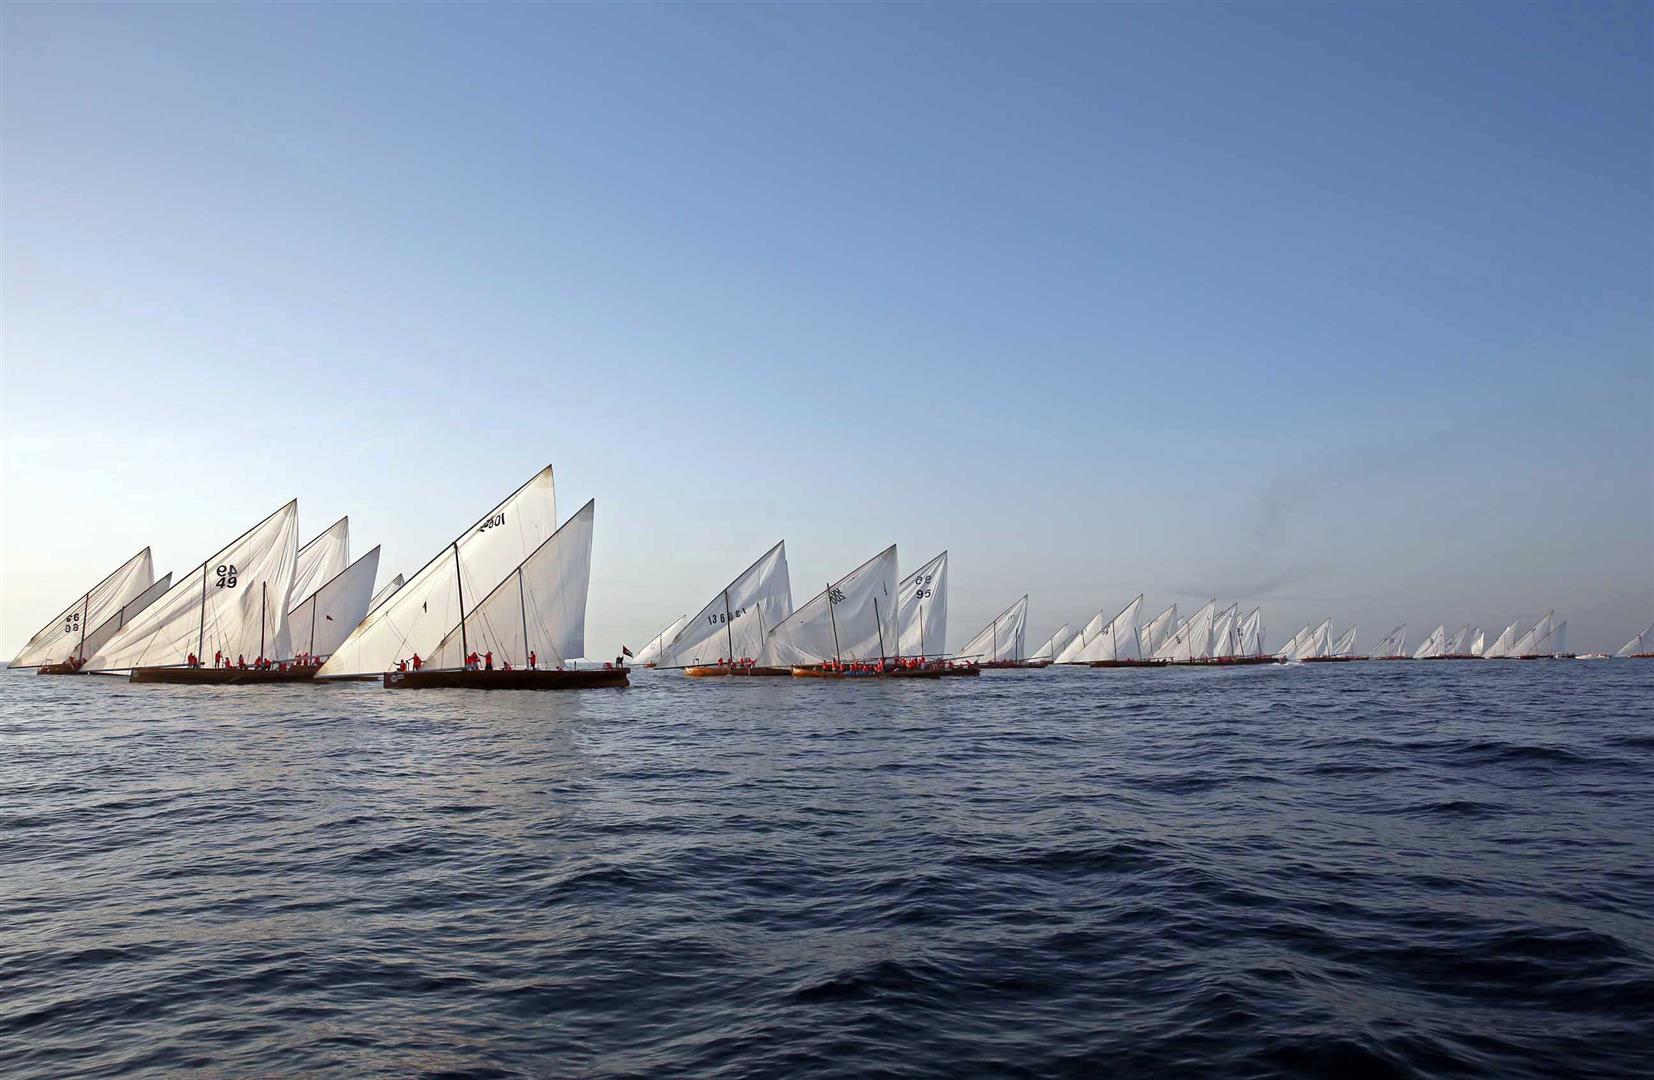 زايد بن حمدان بن زايد يتوج الفائزين في سباق دلما التاريخي للمحامل الشراعية 1